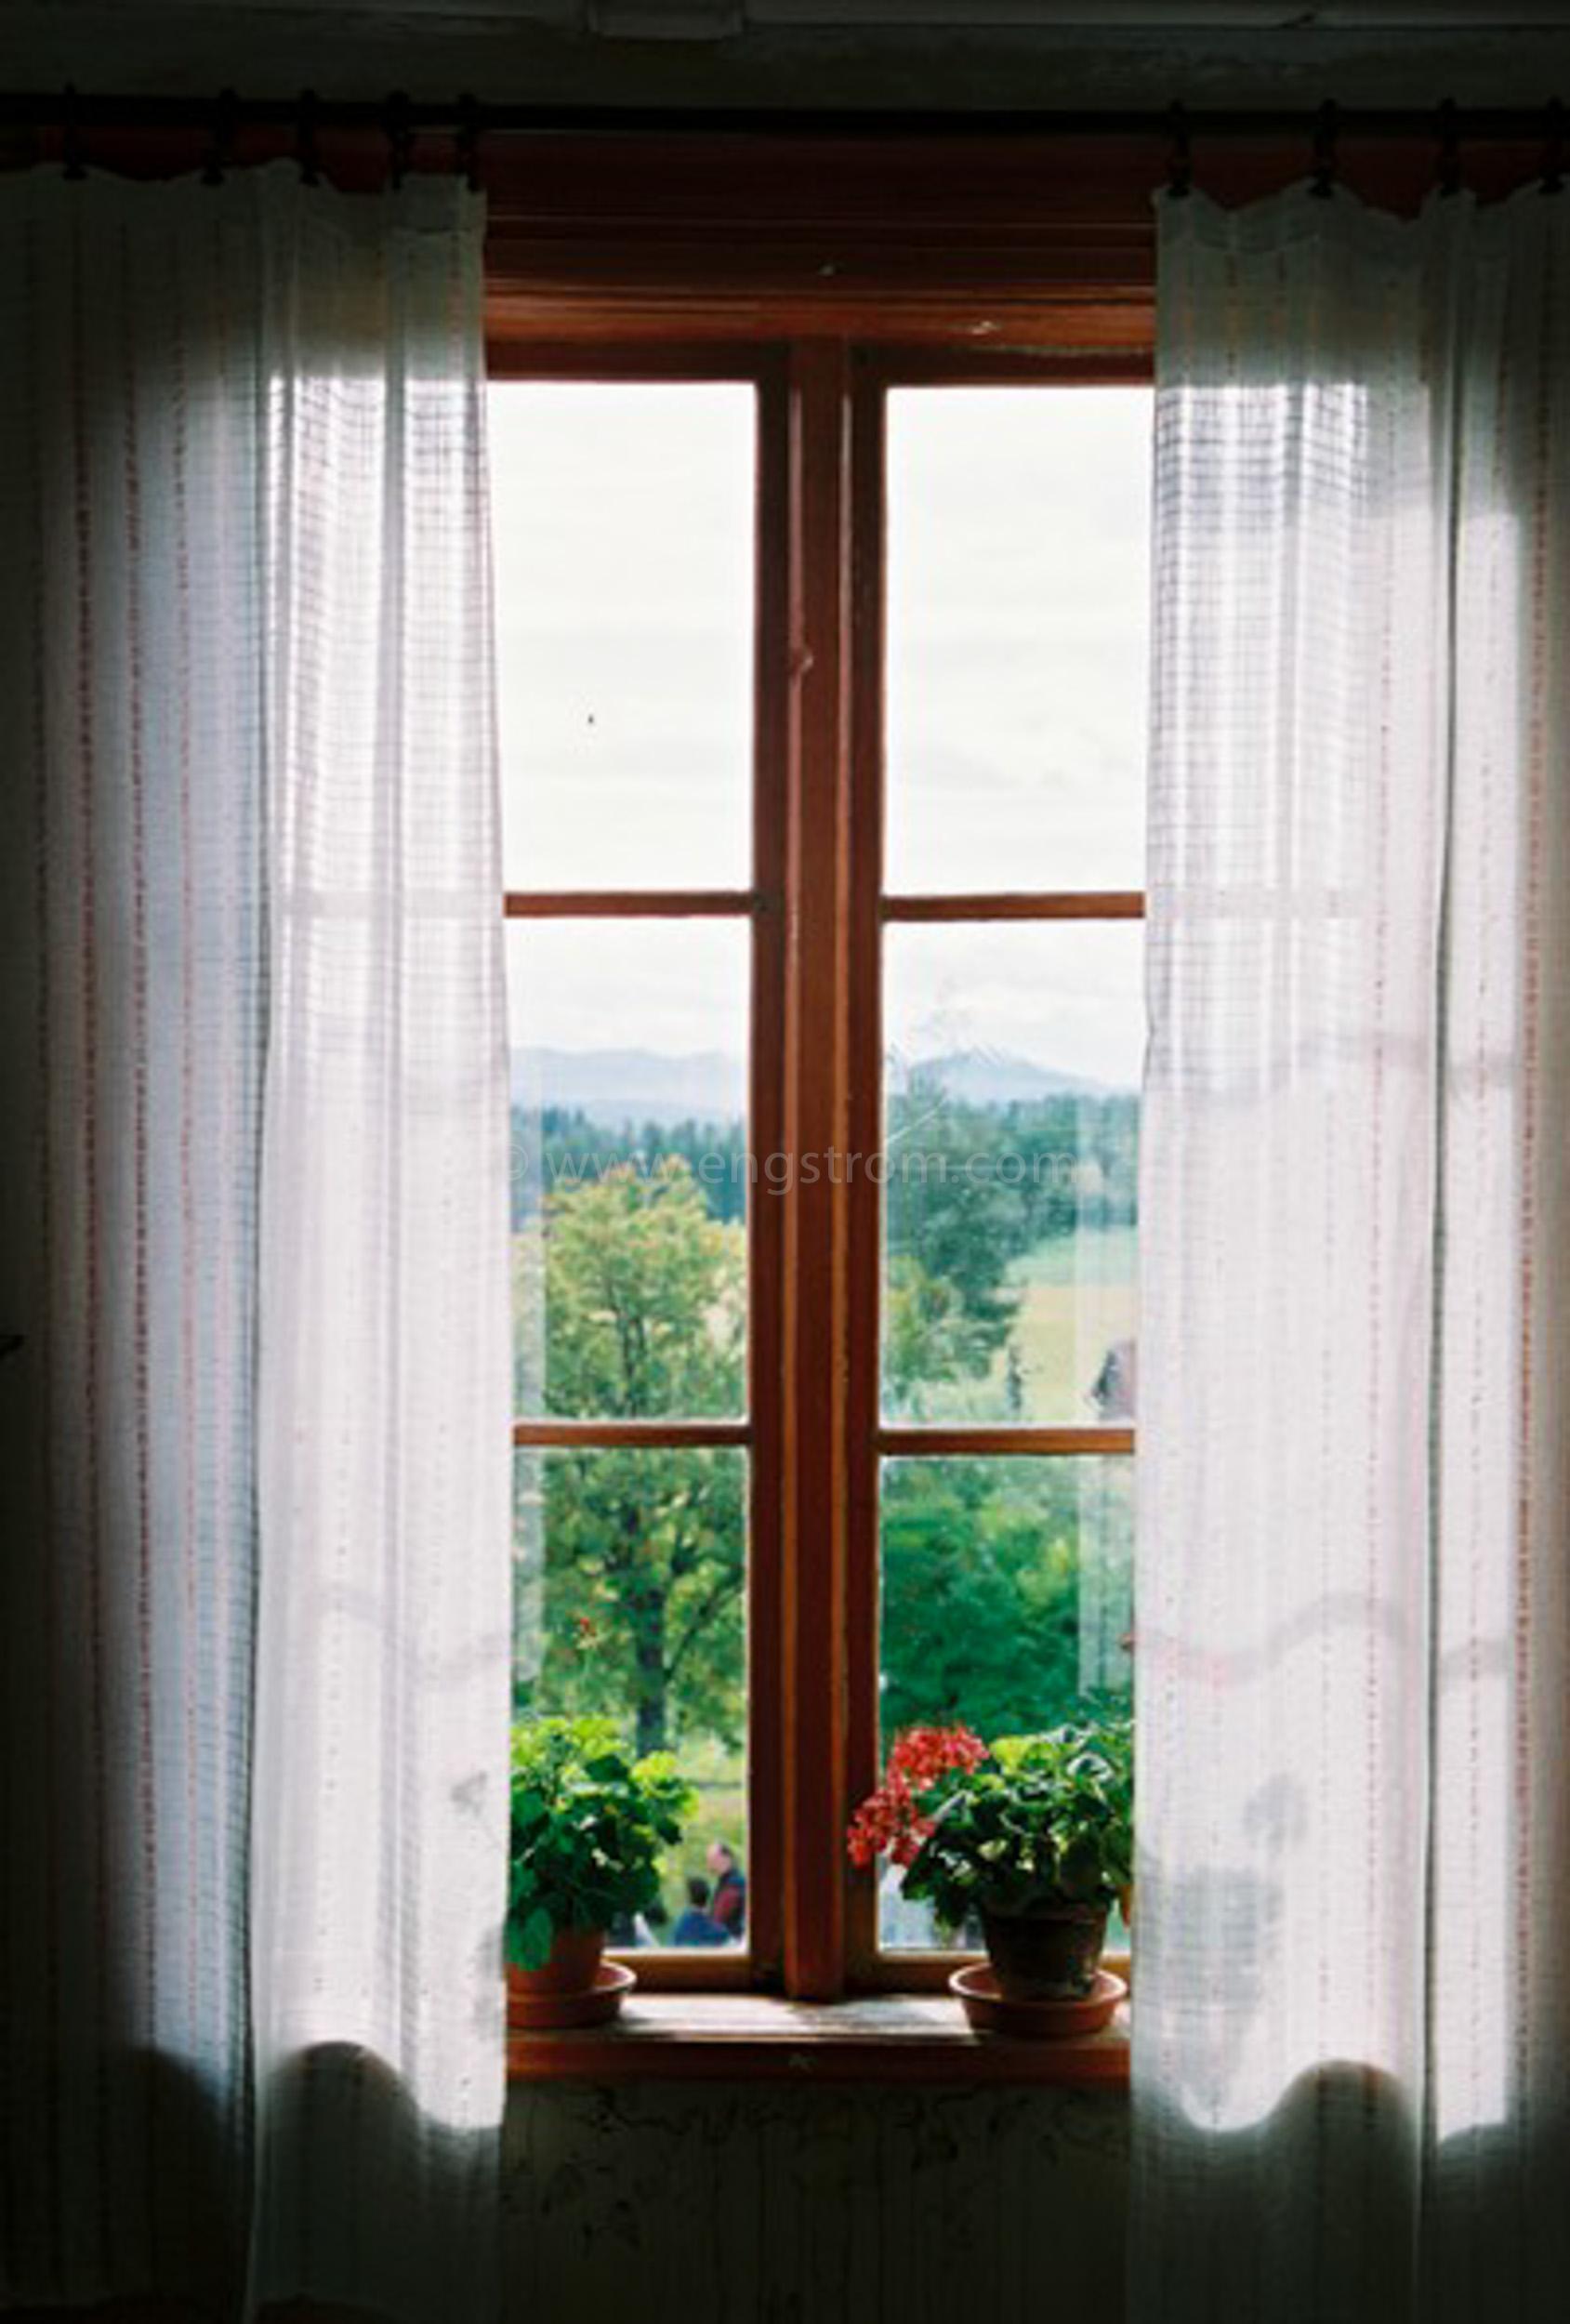 JE0425_168, Hälsingegård i Delsbo. Sommaren 2004, Jonas Engström